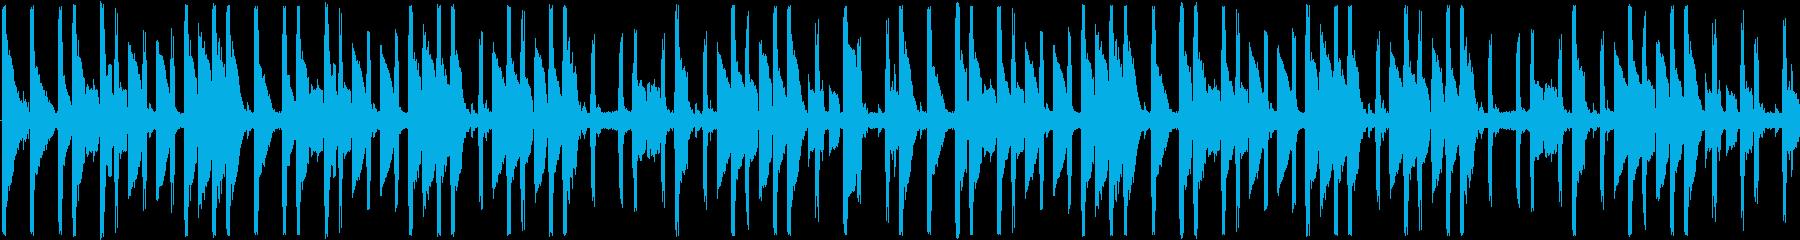 ファミコン風の元気なBGMの再生済みの波形